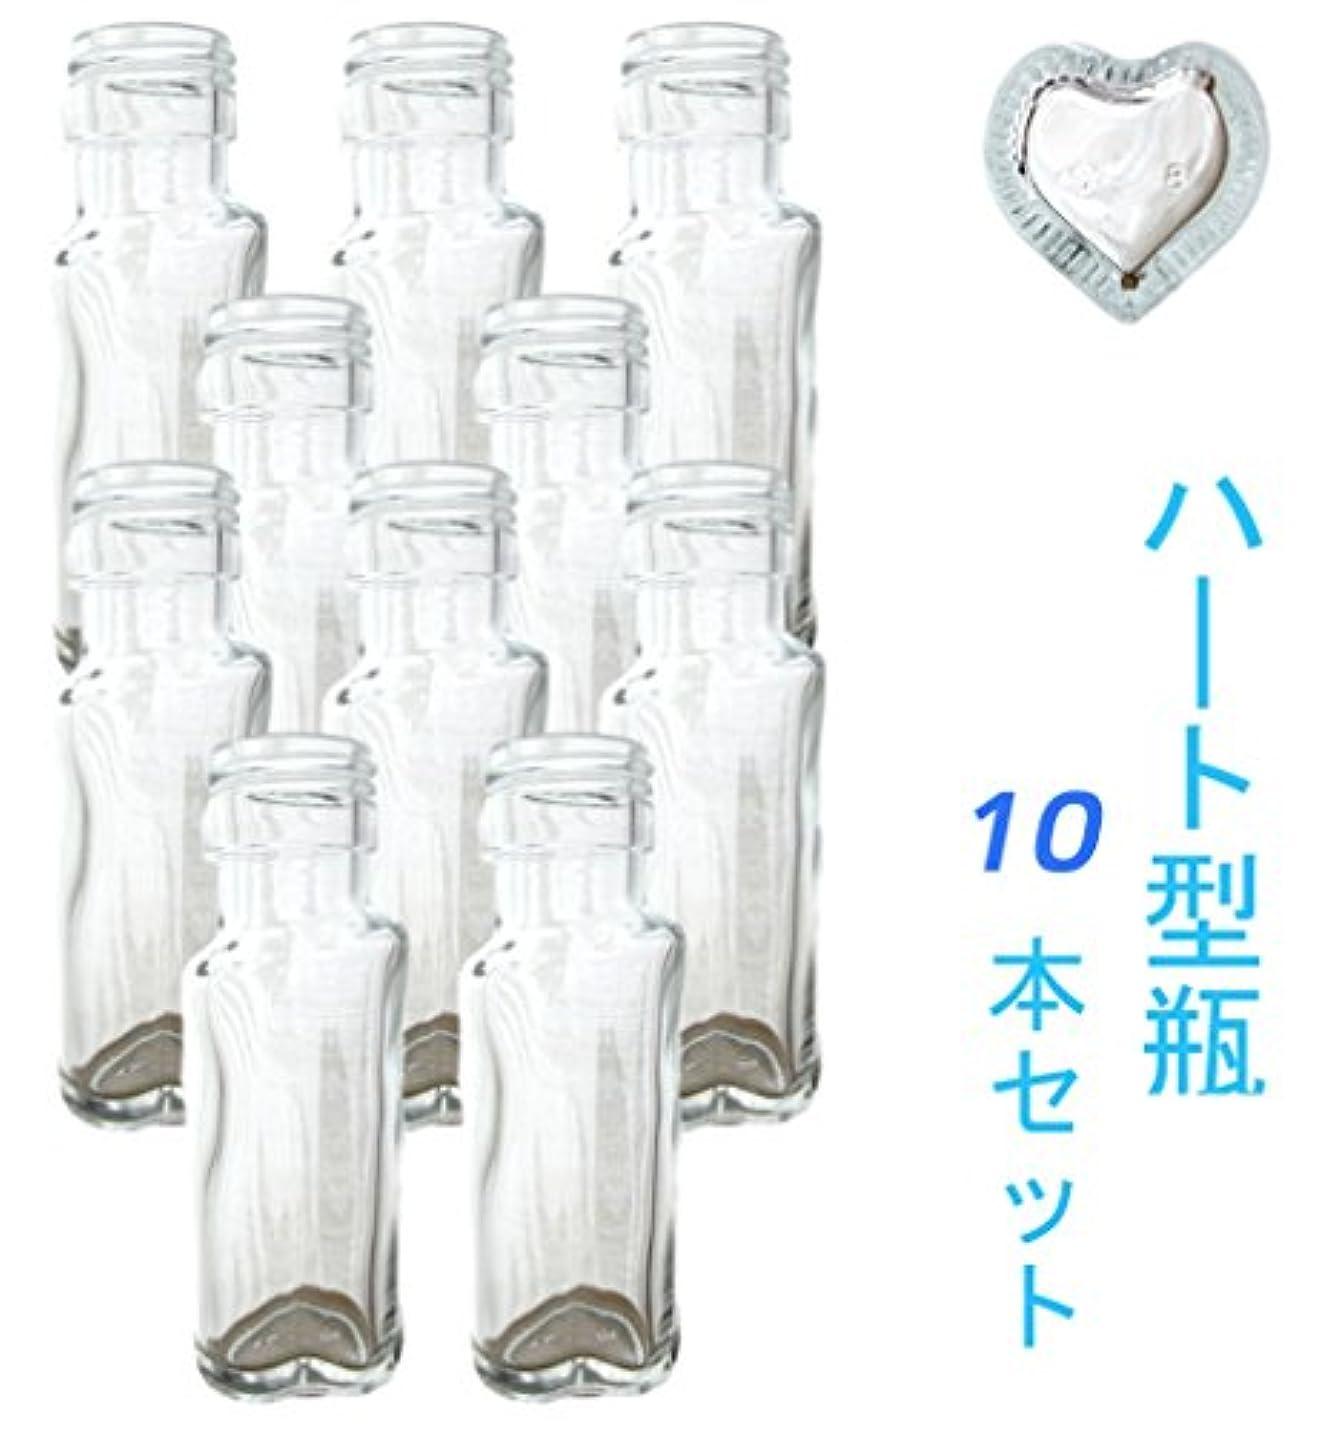 充電汚い中央値(ジャストユーズ)JustU's 日本製 ポリ栓 中栓付きハート型ガラス瓶 10本セット 50cc 50ml アロマデュフューザー ハーバリウム 調味料 オイル タレ ドレッシング瓶 B10-SSH50A-A